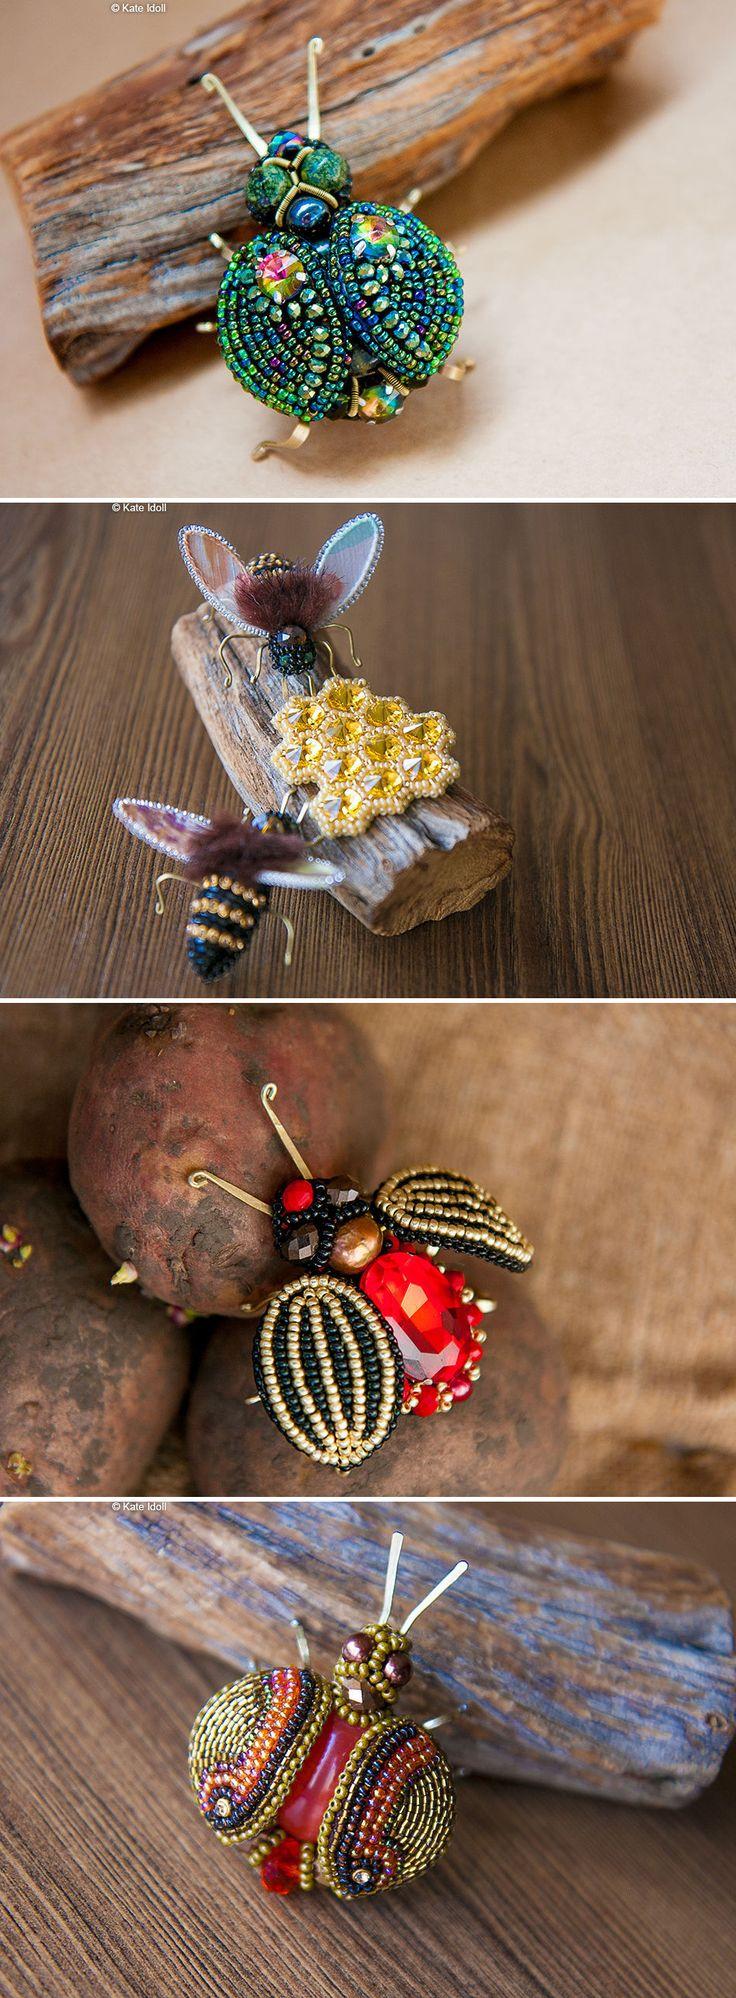 Beaded Insect Brooches | Броши в виде насекомых с натуральными камнями — Купить, заказать, бусины, брошь, брошка, насекомое, жук, пчела, камень, драгоценный камень, ручная работа